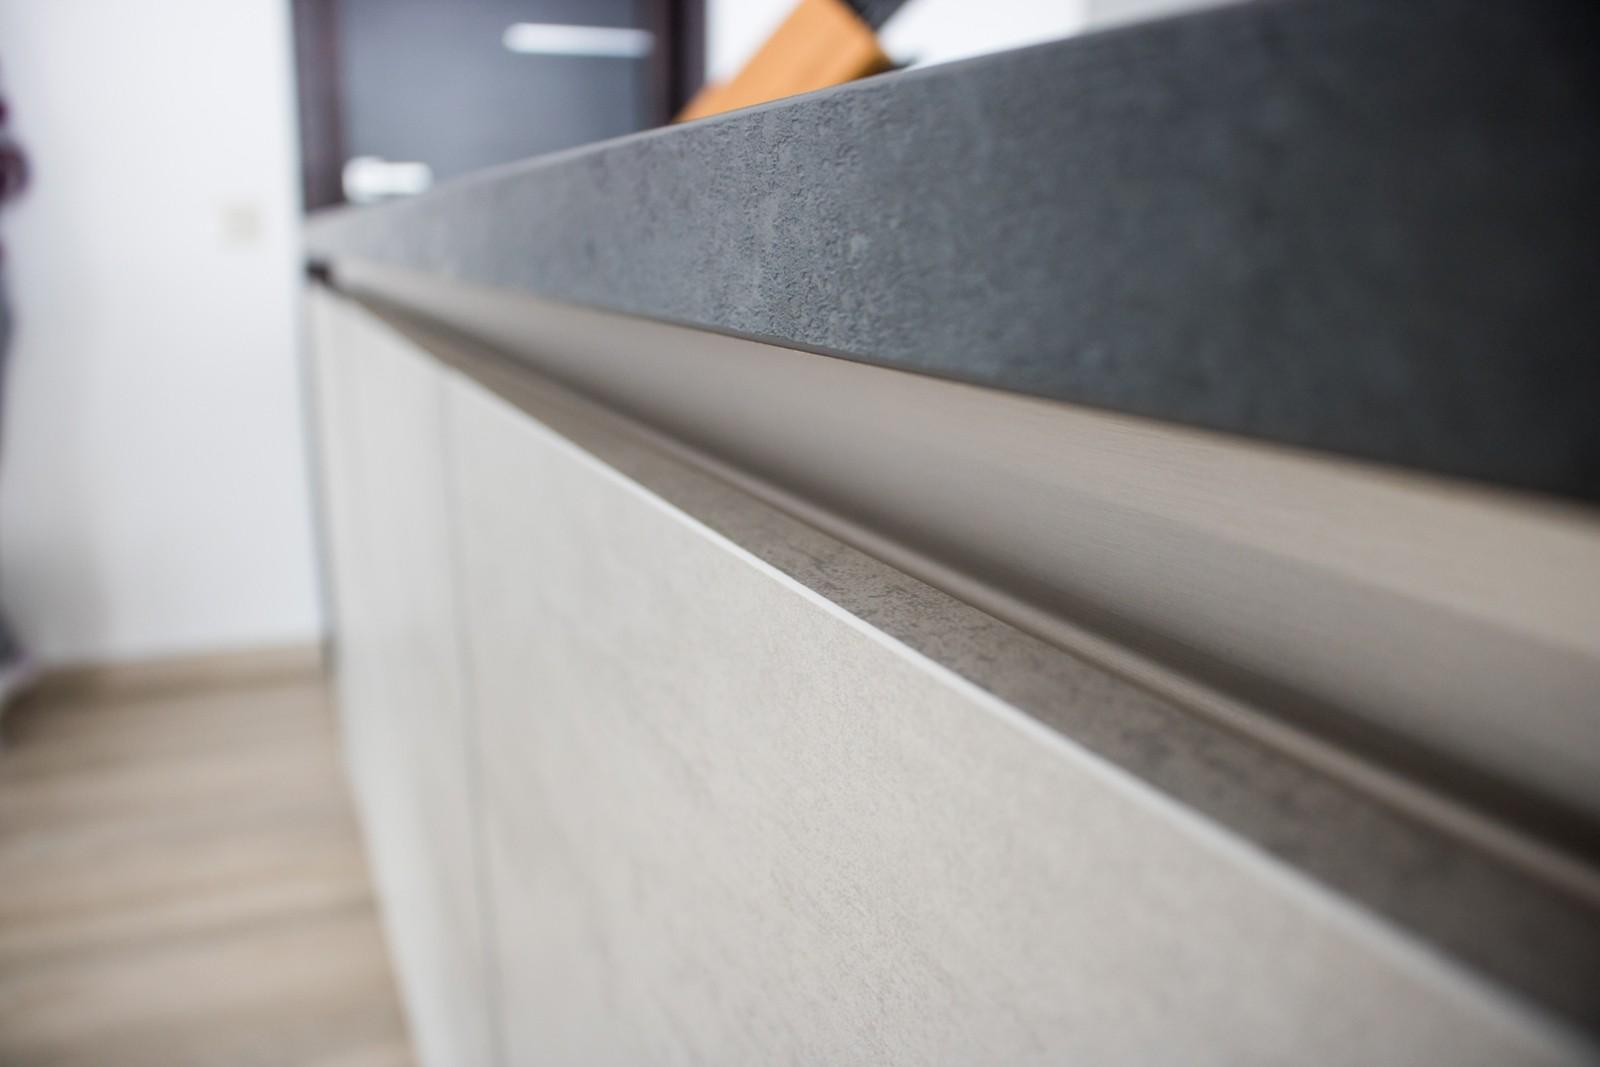 Referință - Bucătărie modernă Nobilia Riva - Beton gri / Oxid decor